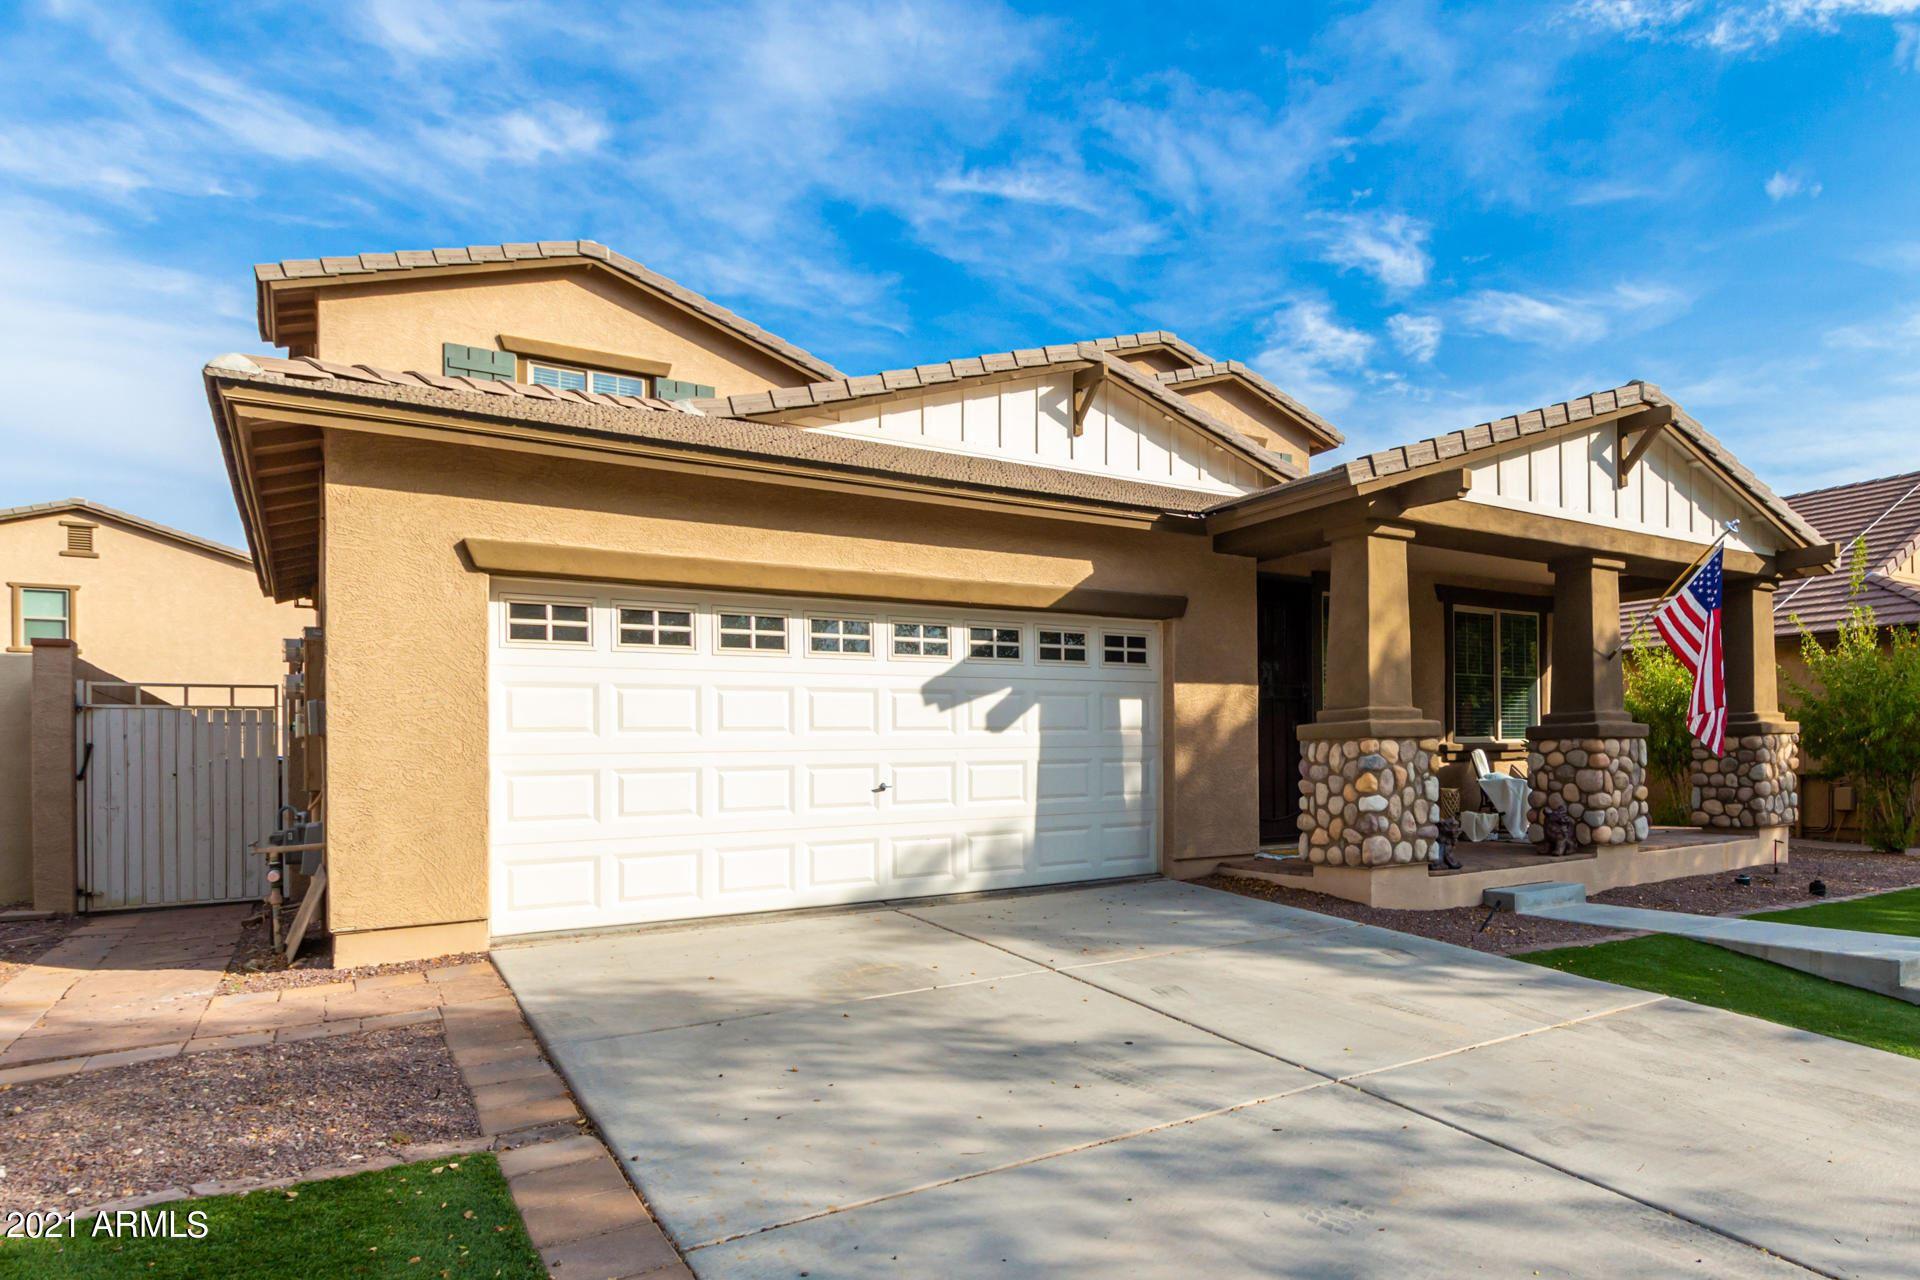 Photo of 21005 W EASTVIEW Way, Buckeye, AZ 85396 (MLS # 6266057)